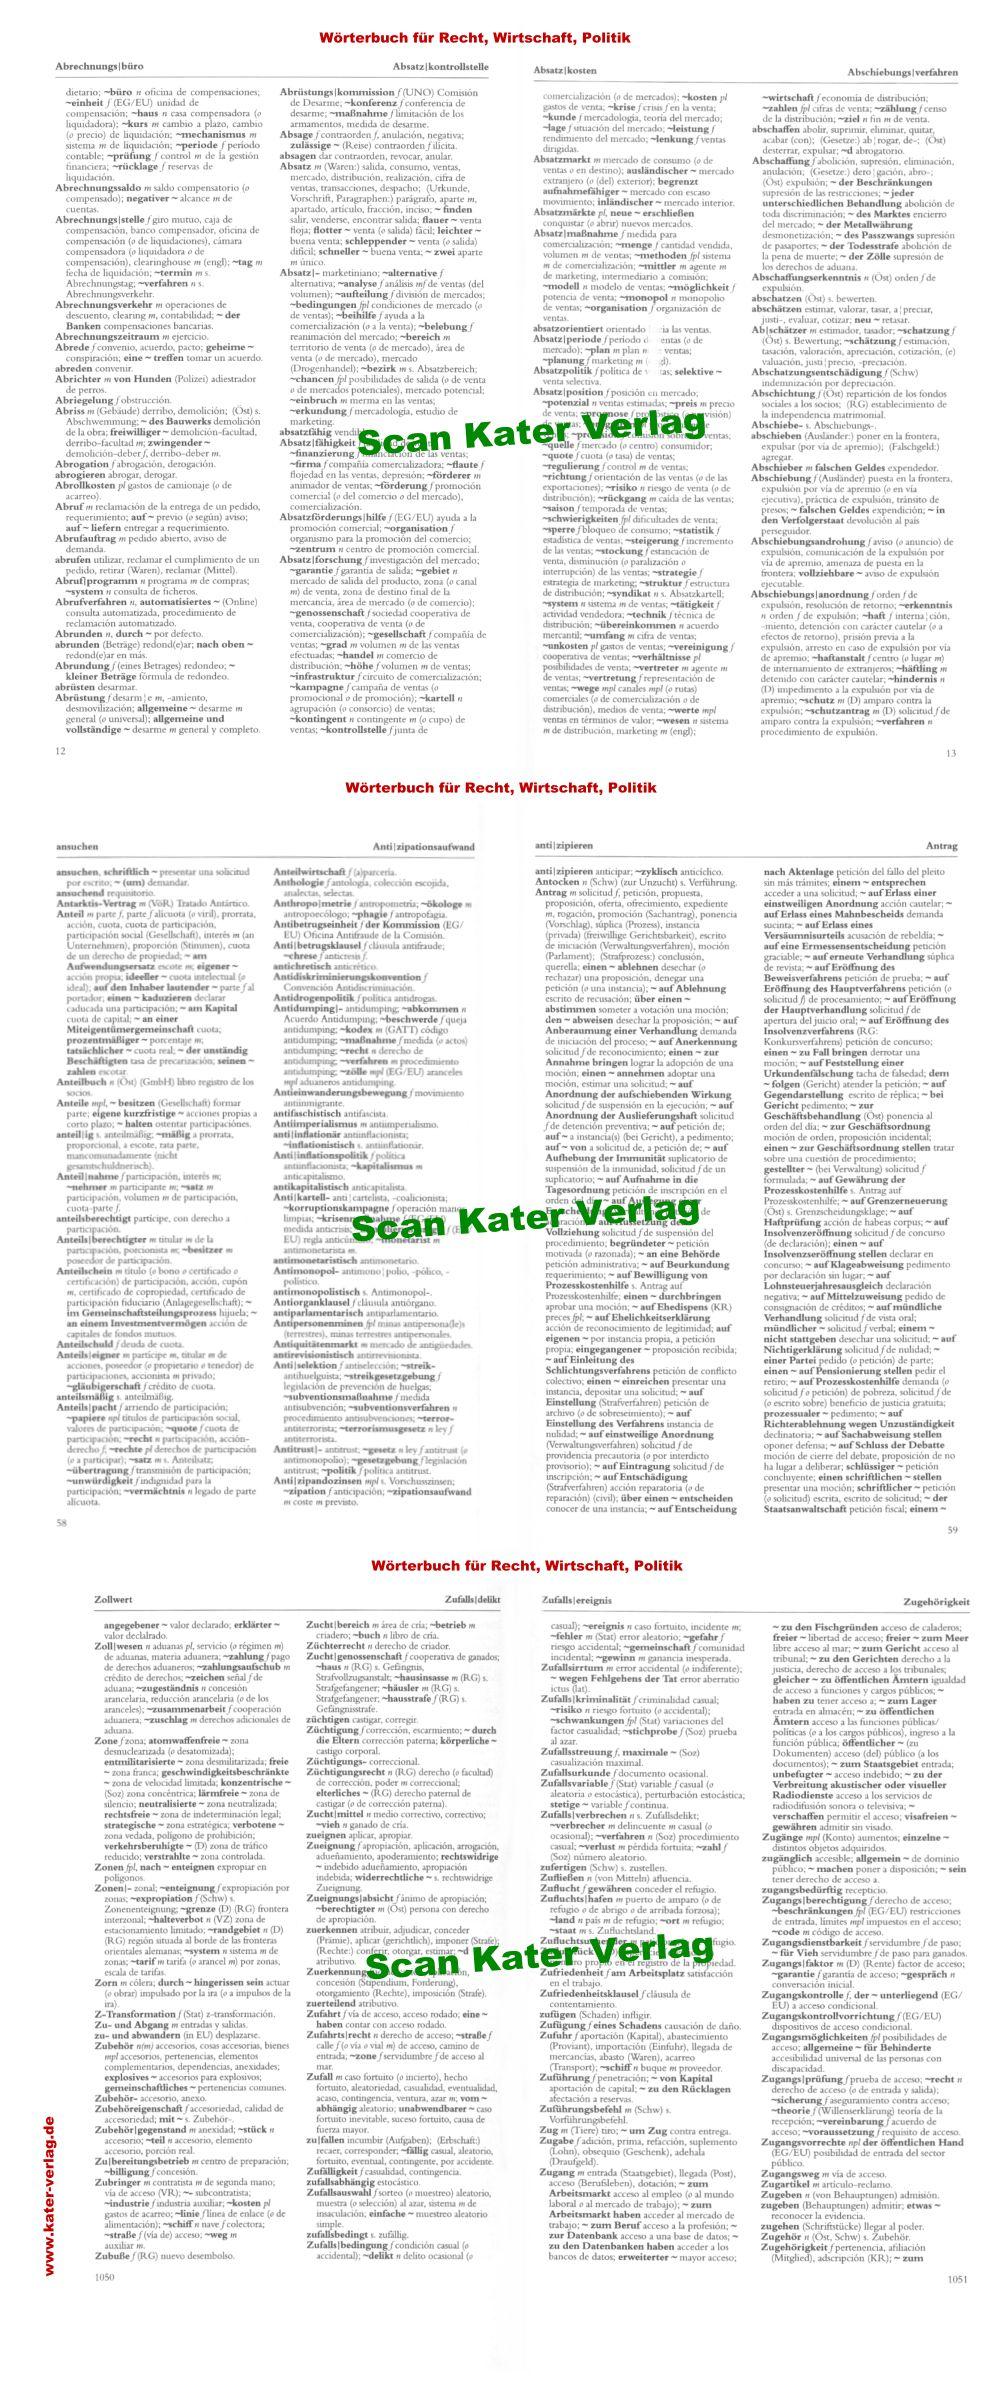 Becher: Wörterbuch Recht, Wirtschaft und Politik II DE-ES